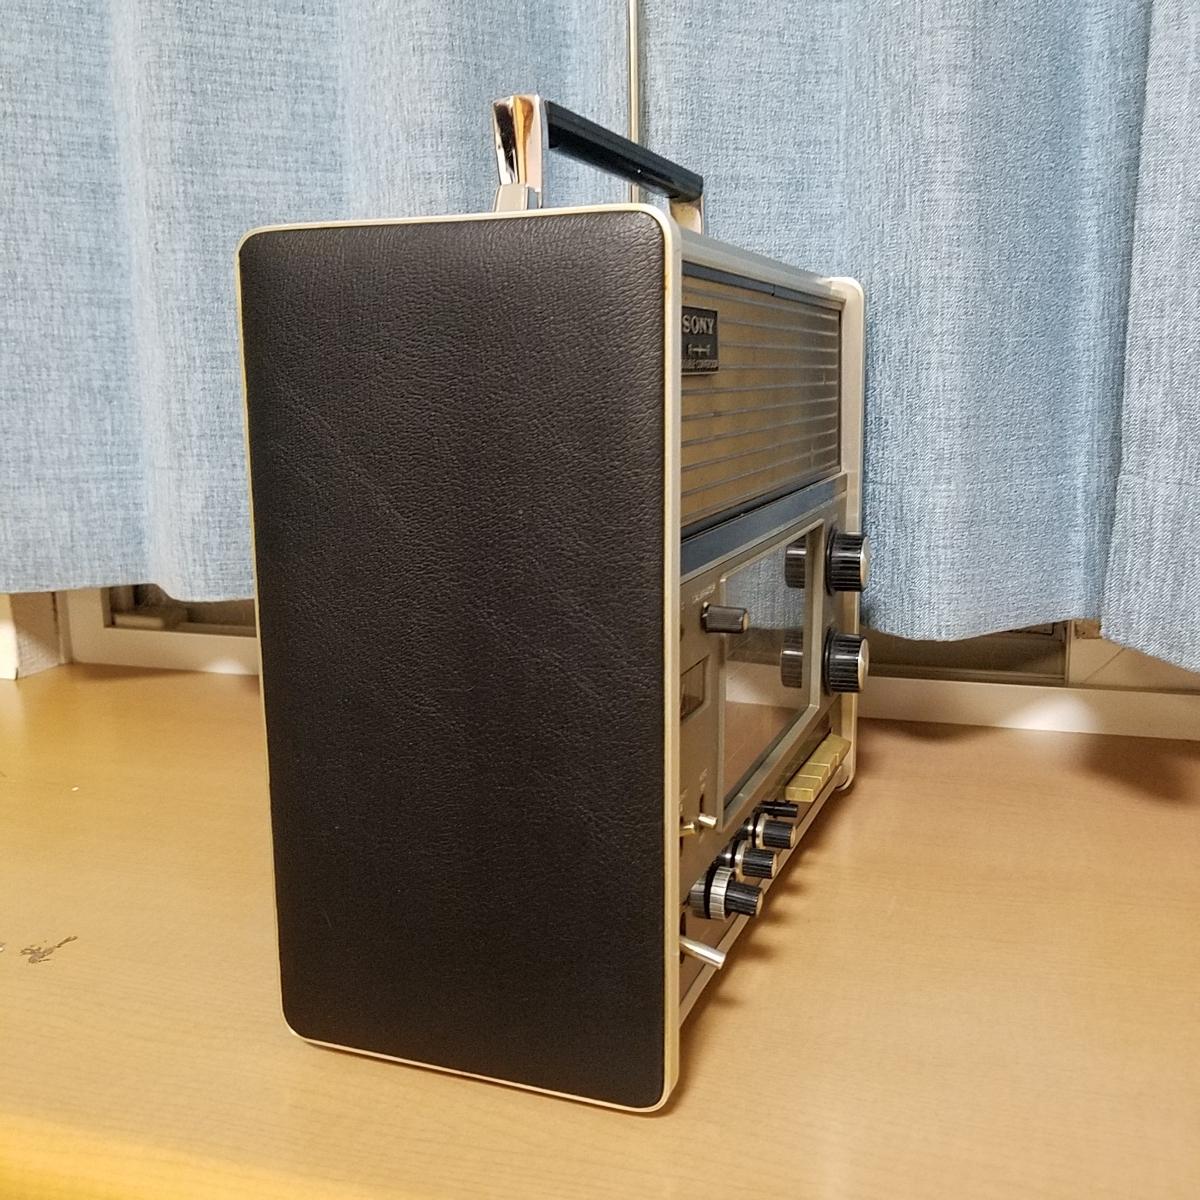 希少 SONY CRF-200 WORLDZONE13 ワールドゾーン 13 BAND RADIO アンティーク ラジオ 中古 簡易動作確認済_画像4